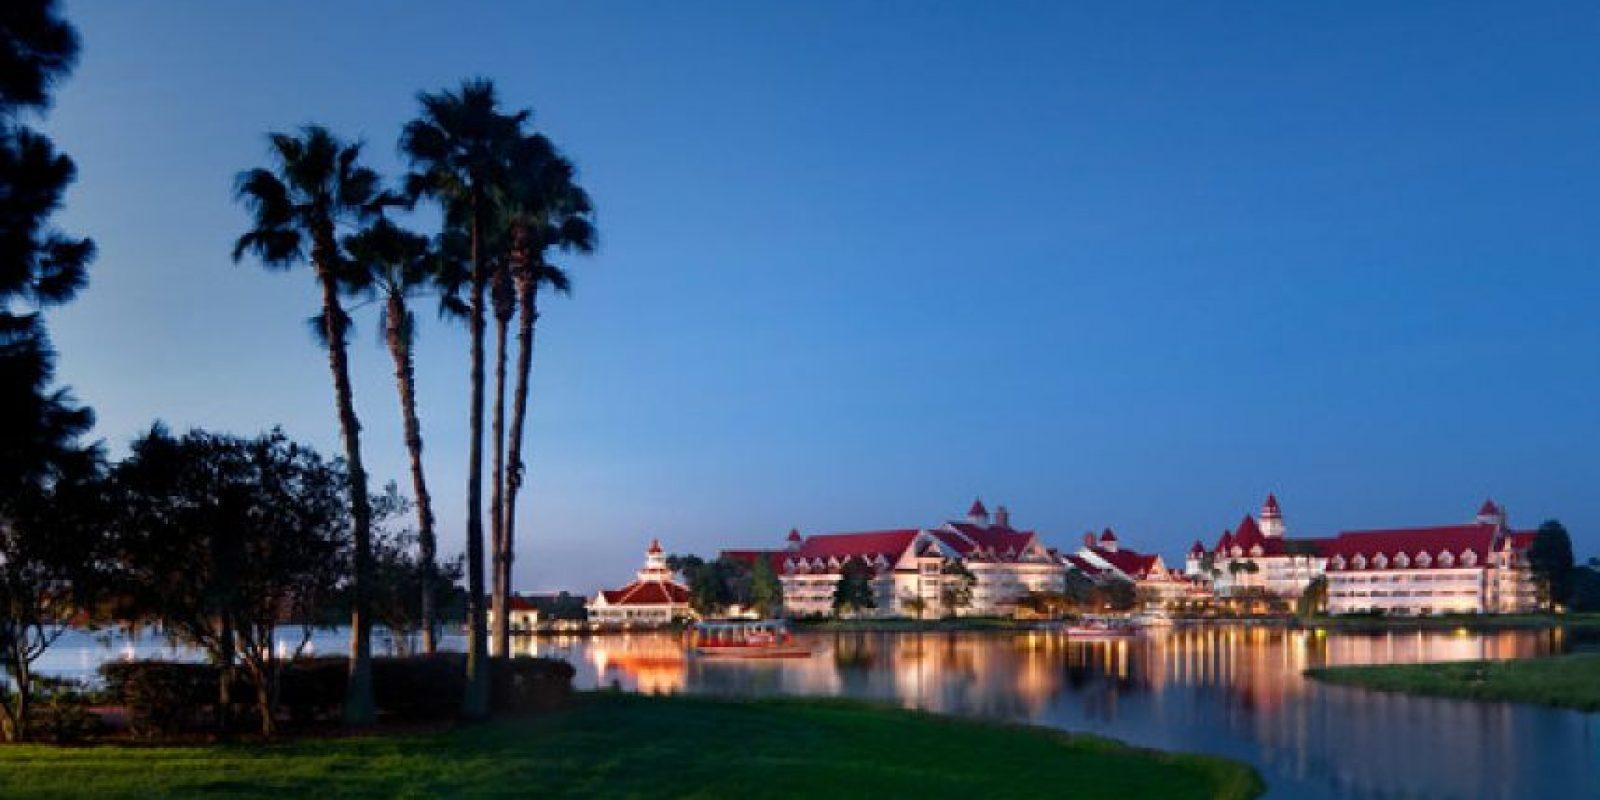 Está en las inmediaciones de Disney World Foto:Disneyworld.disney.go.com